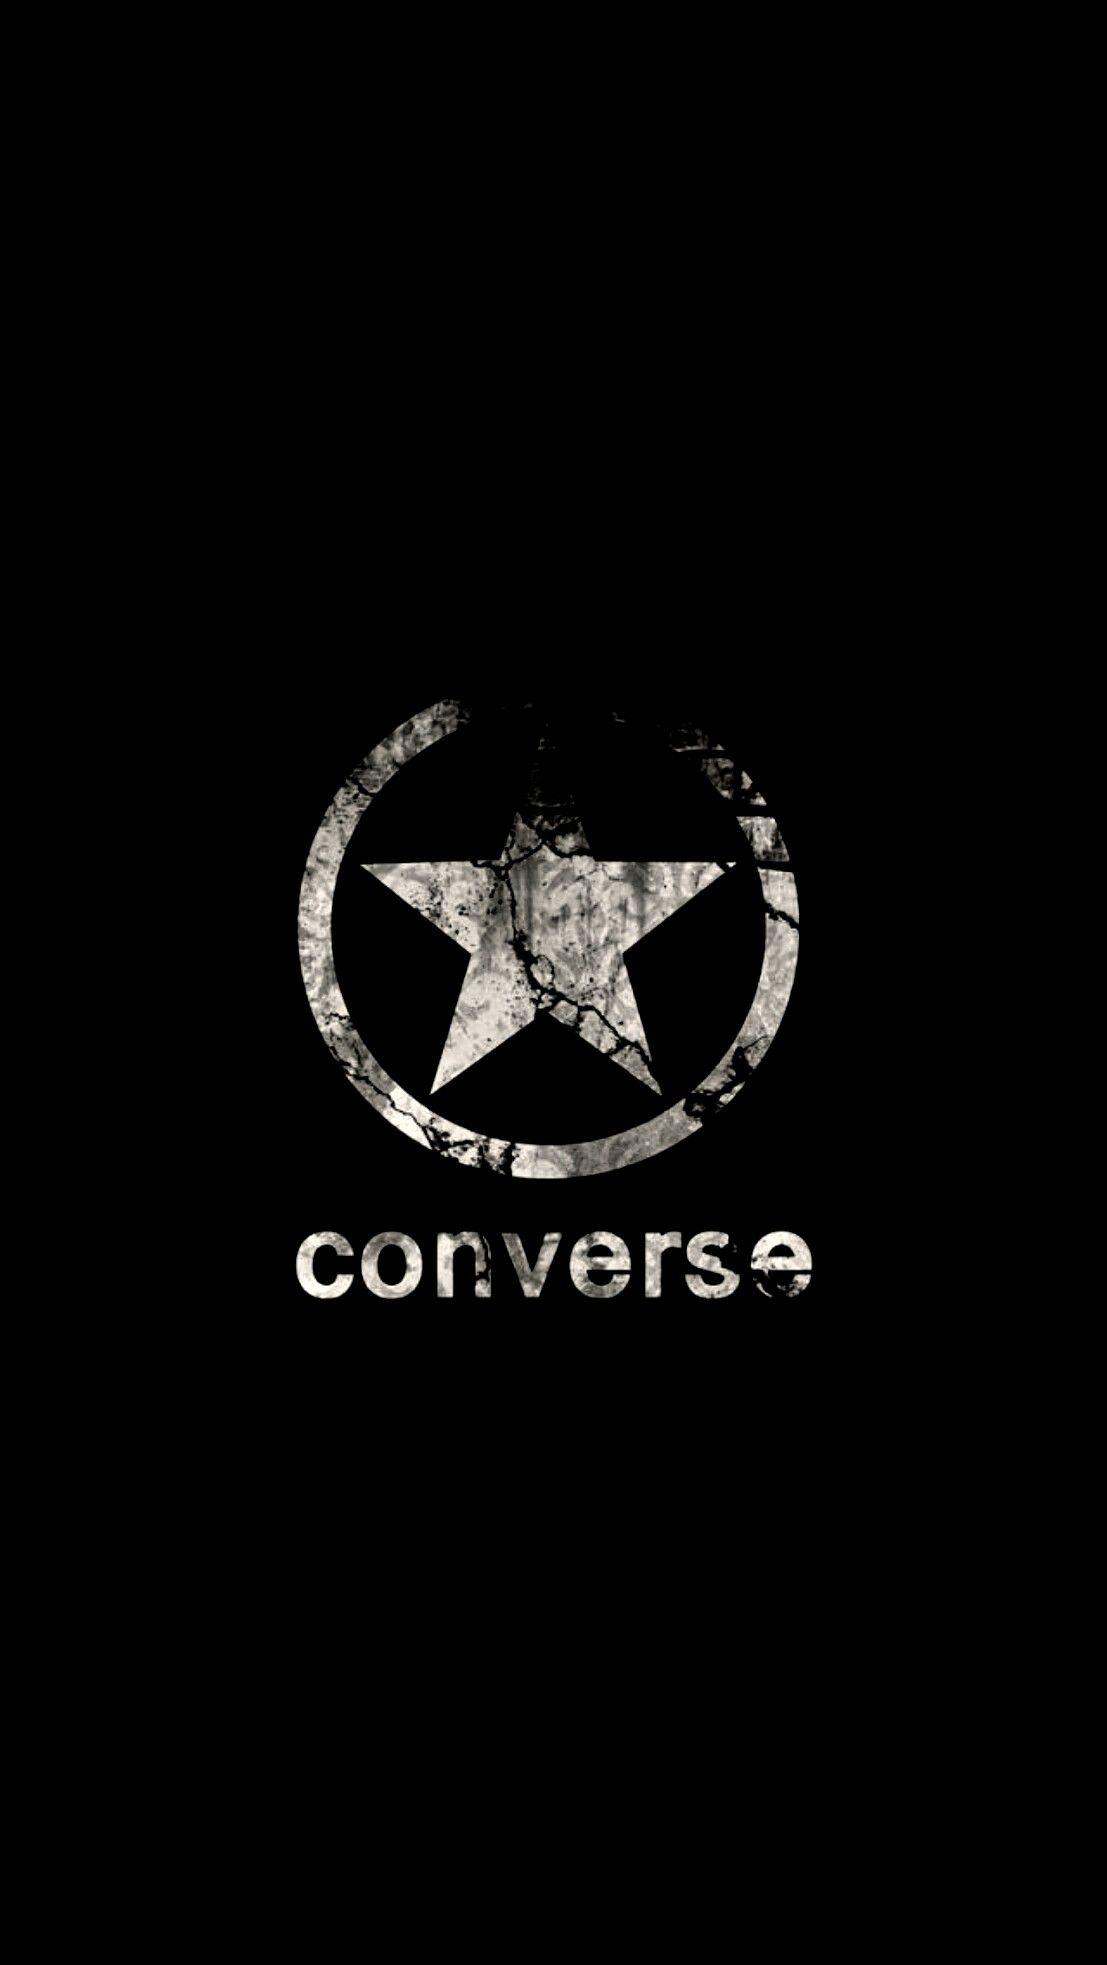 converse #black #wallpaper #iPhone #android | fond d'écran